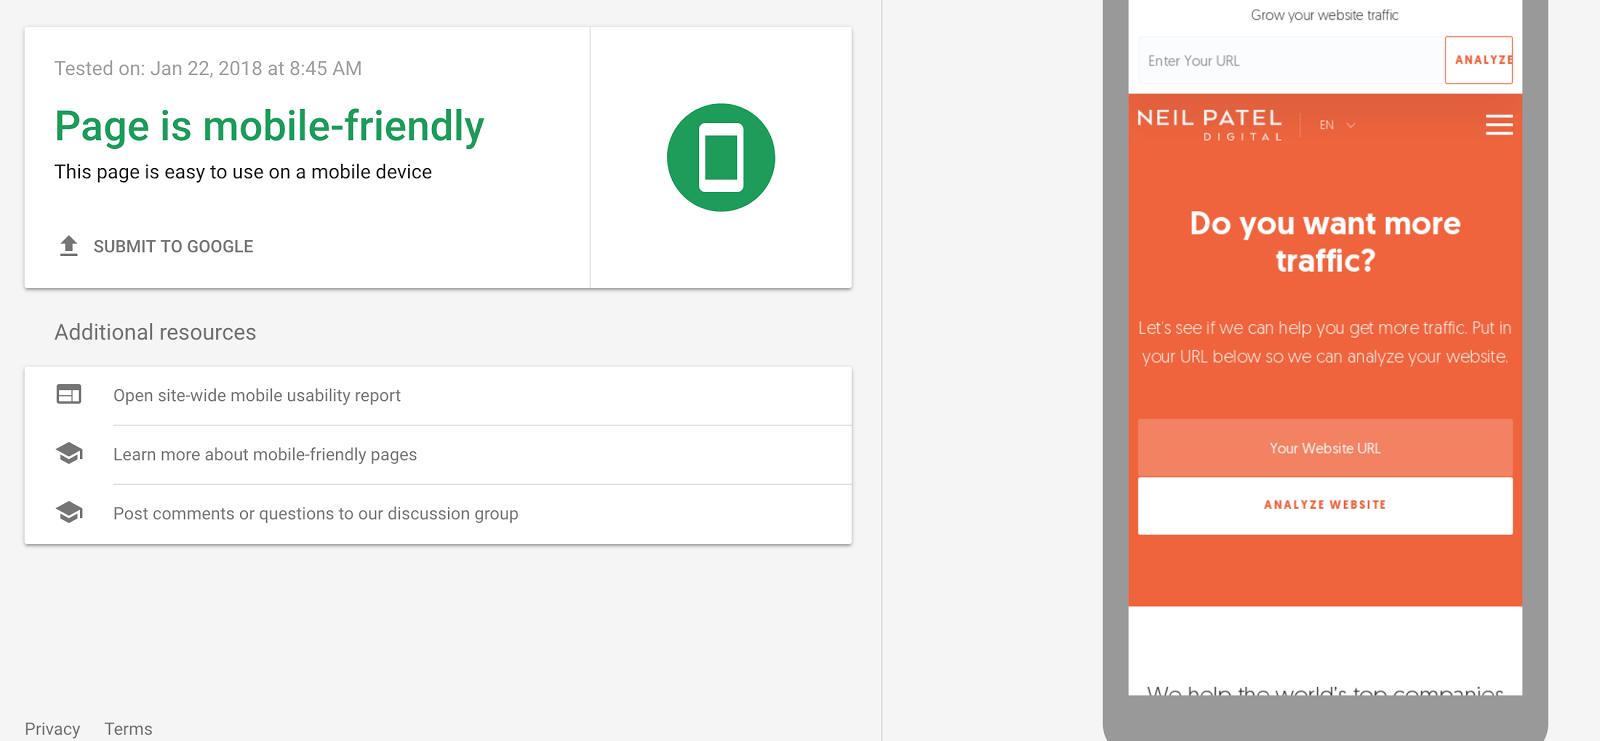 guía de clasificación compatible con dispositivos móviles